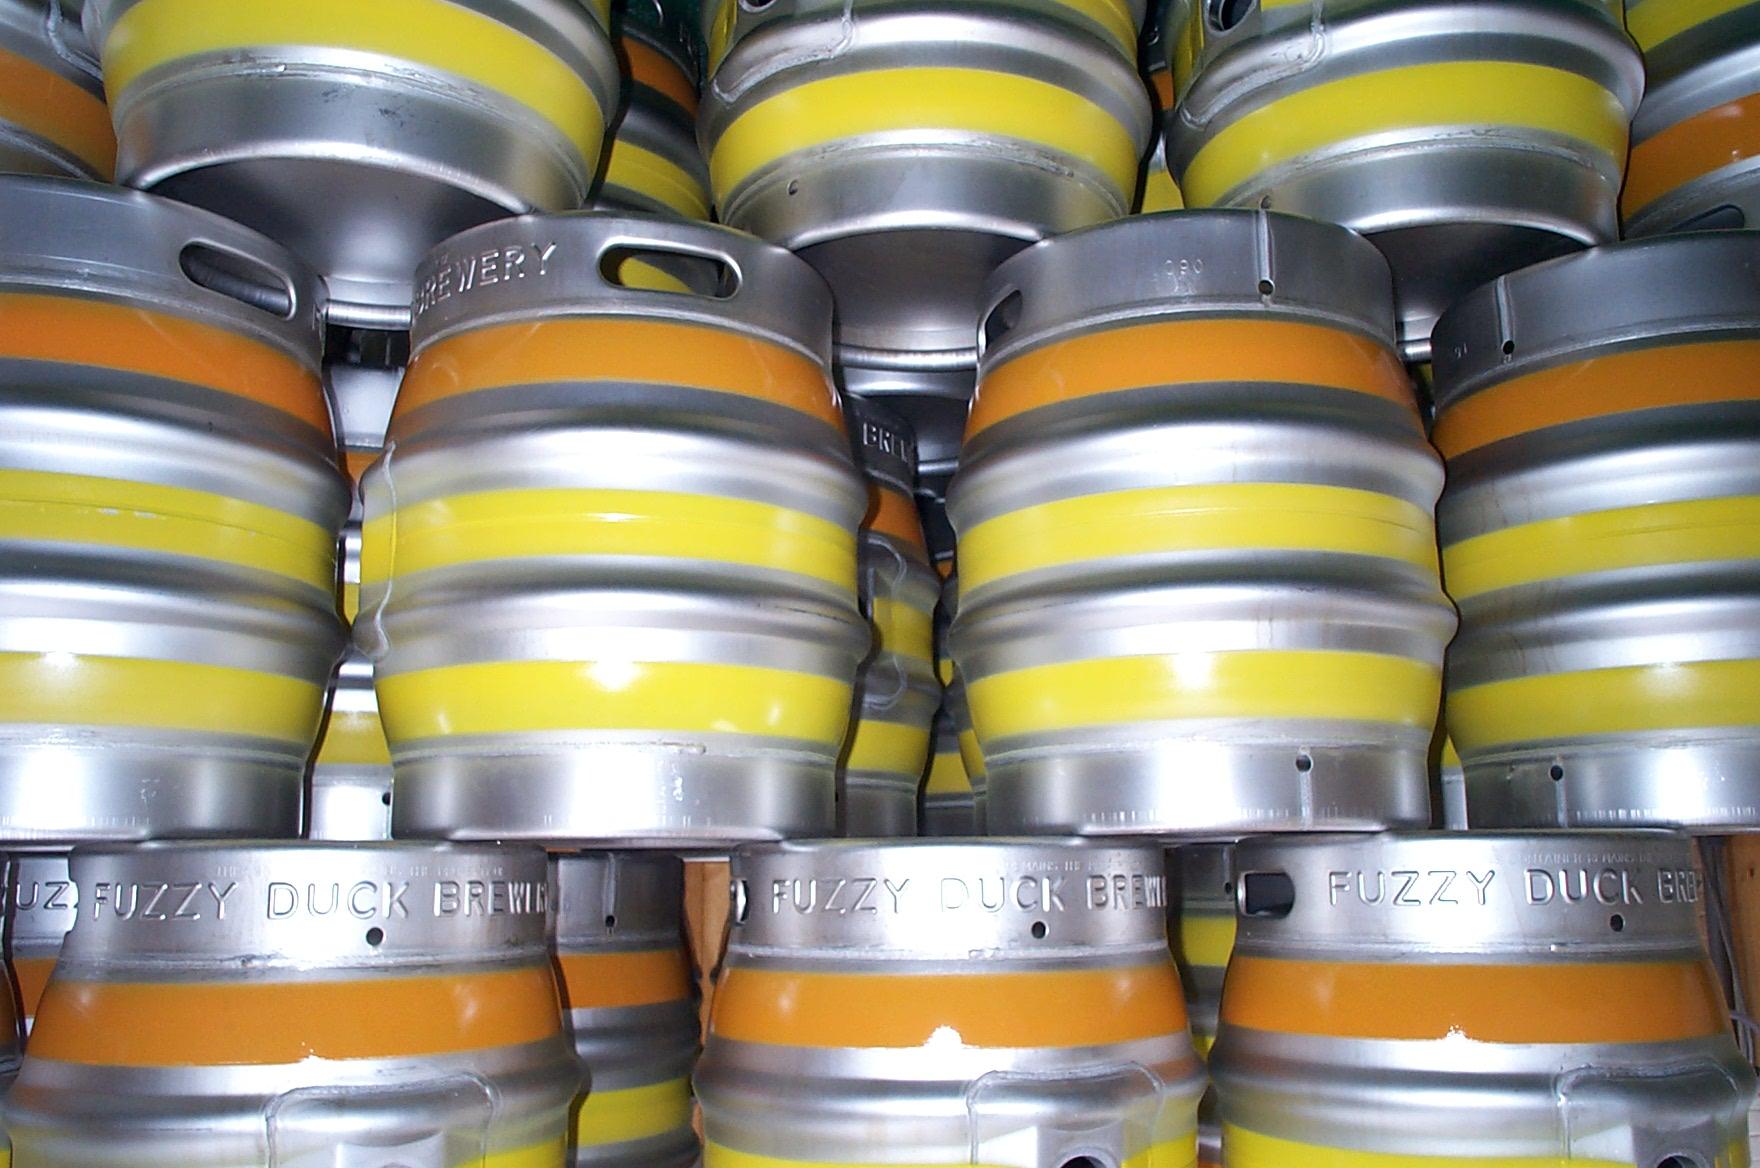 оптовая продажа разливного пива в кегах